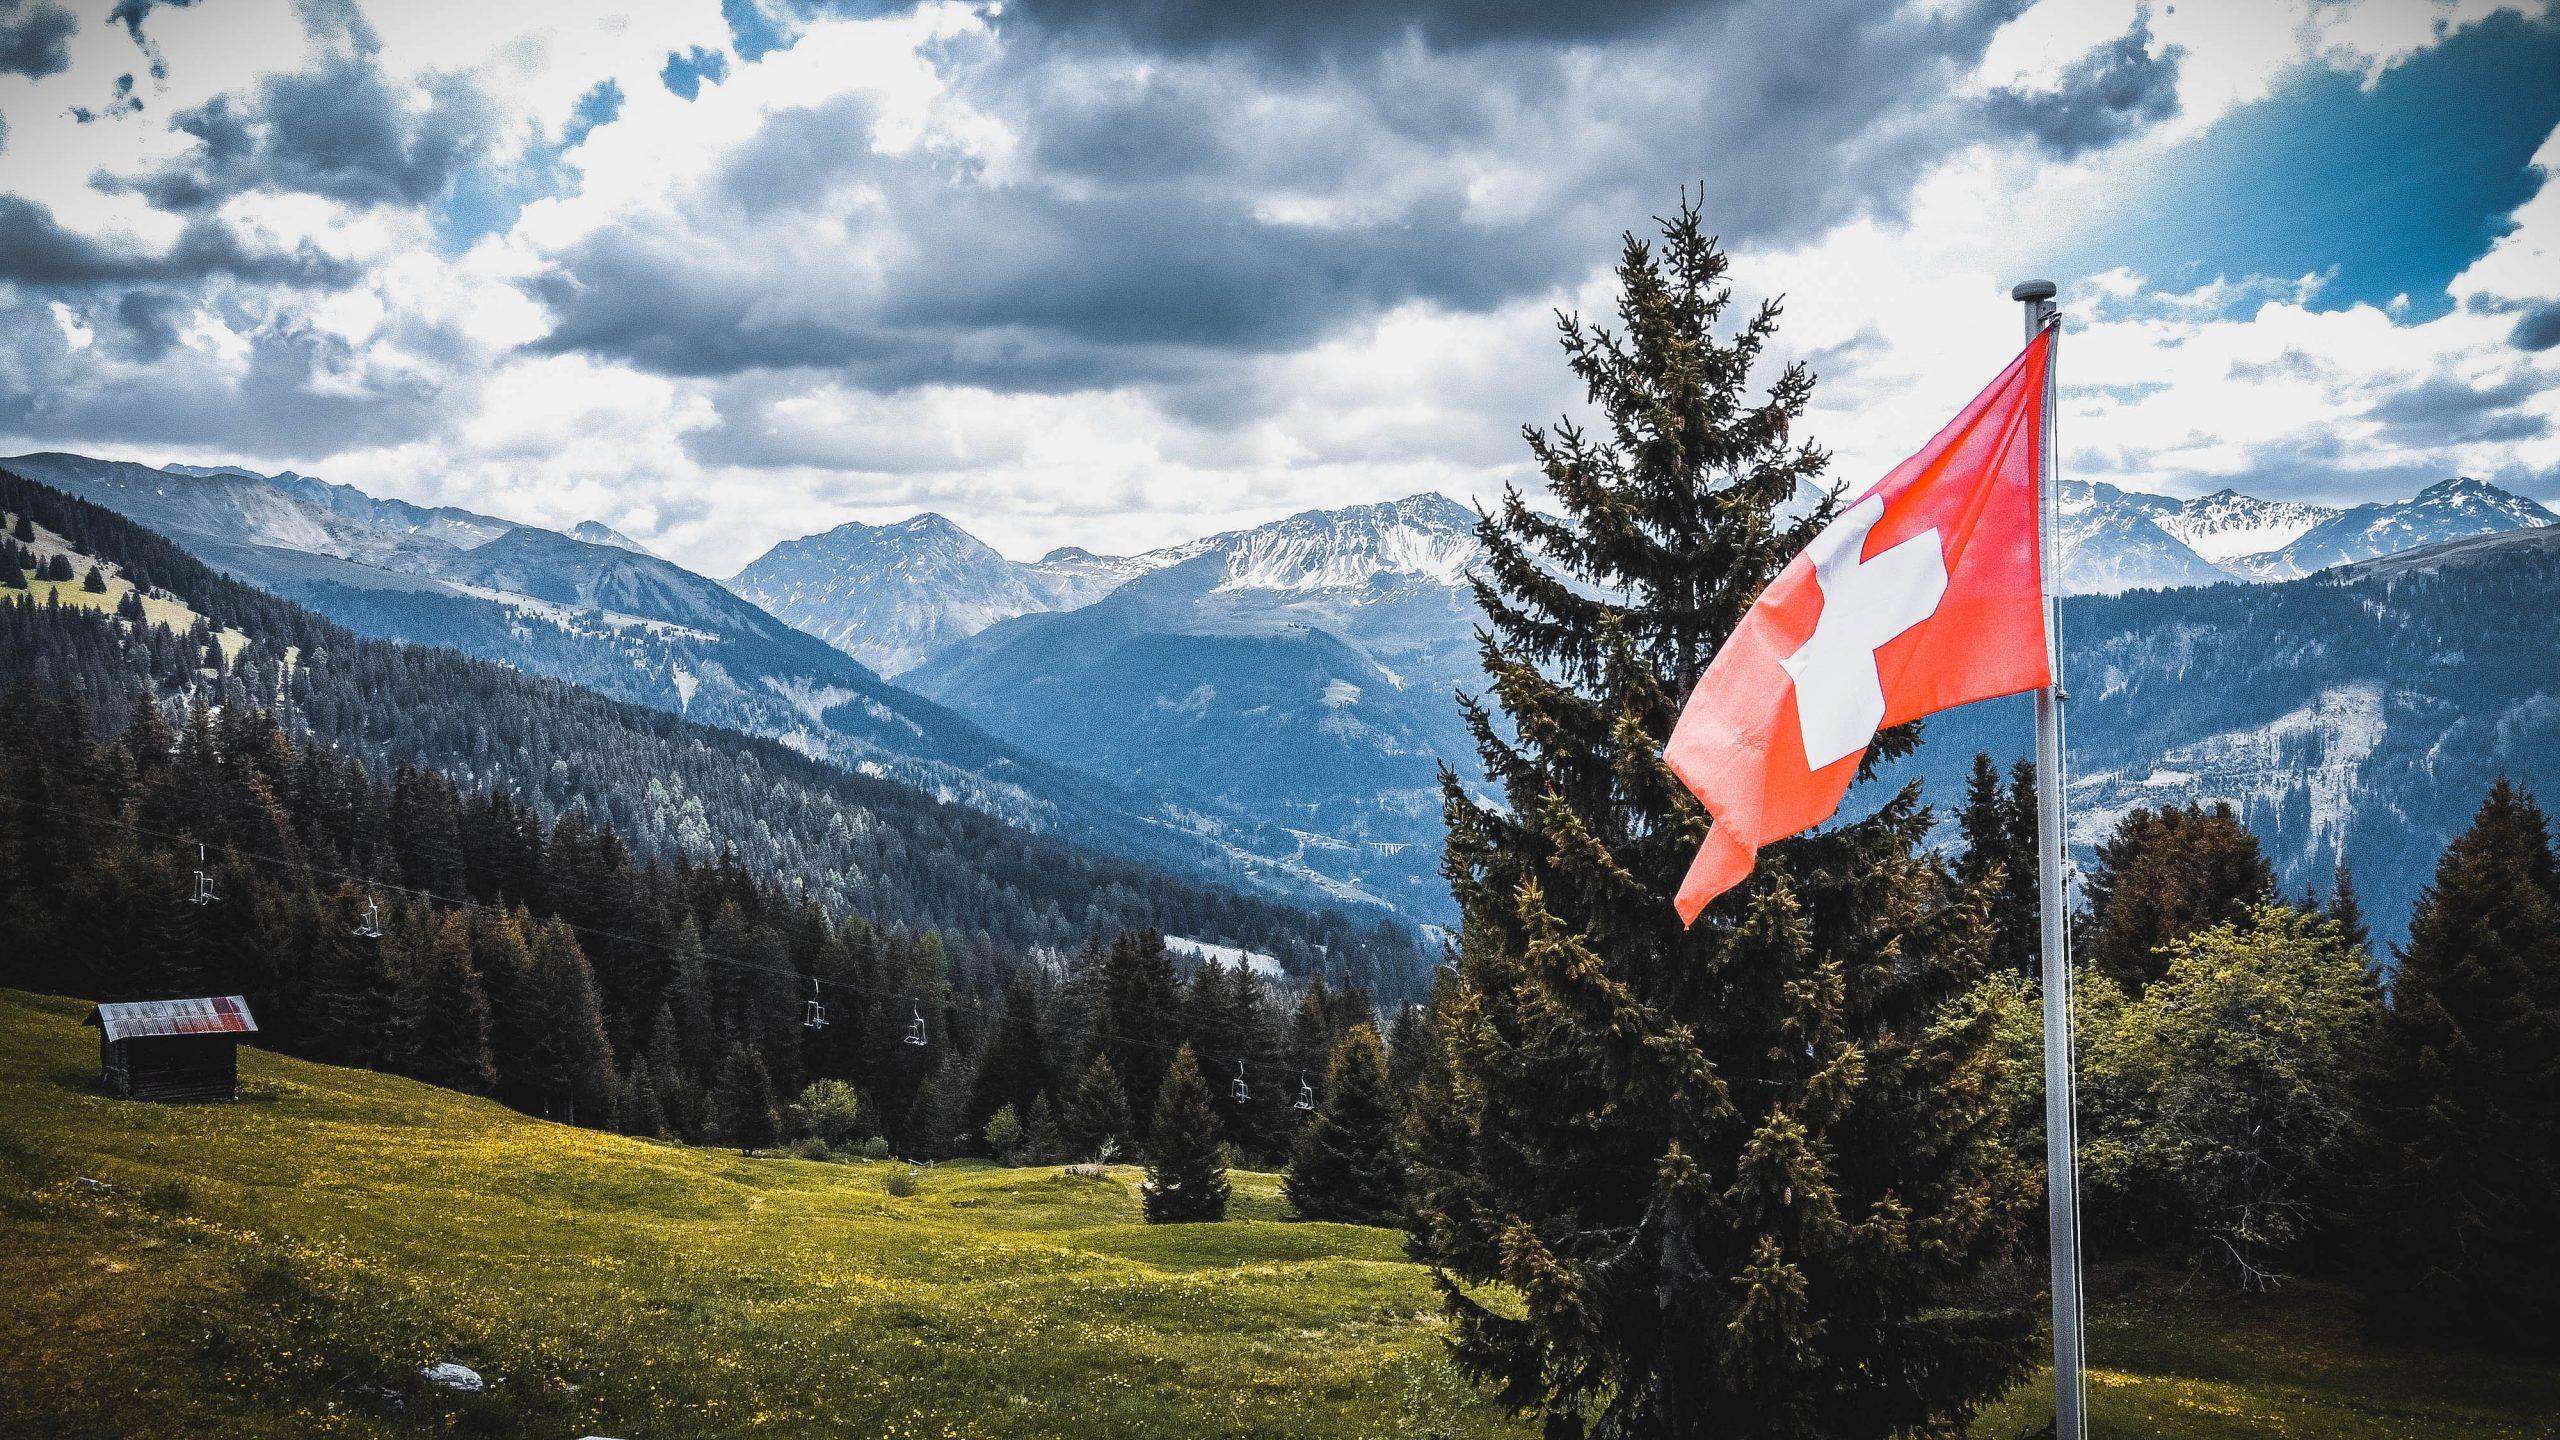 Bandiera svizzera che sventola nel vento